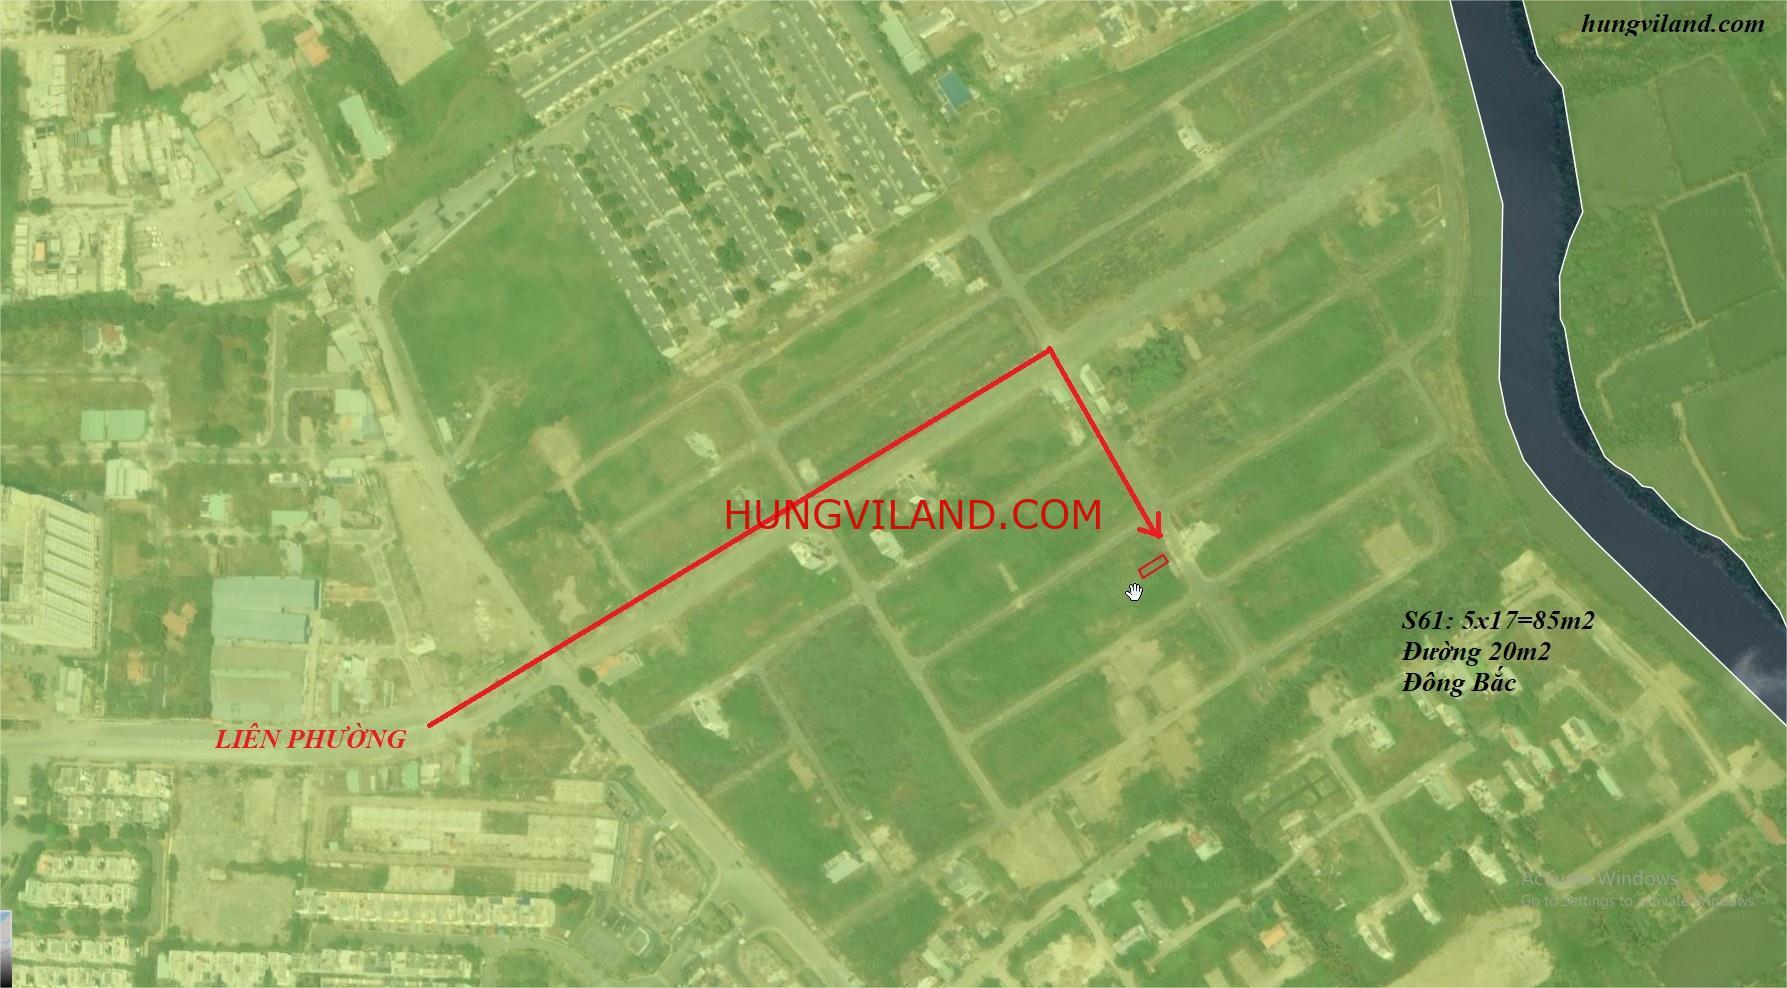 Nền S61 Sở Văn Hóa Thông Tin đường thông 20m cần tiền bán gấp -0981260130